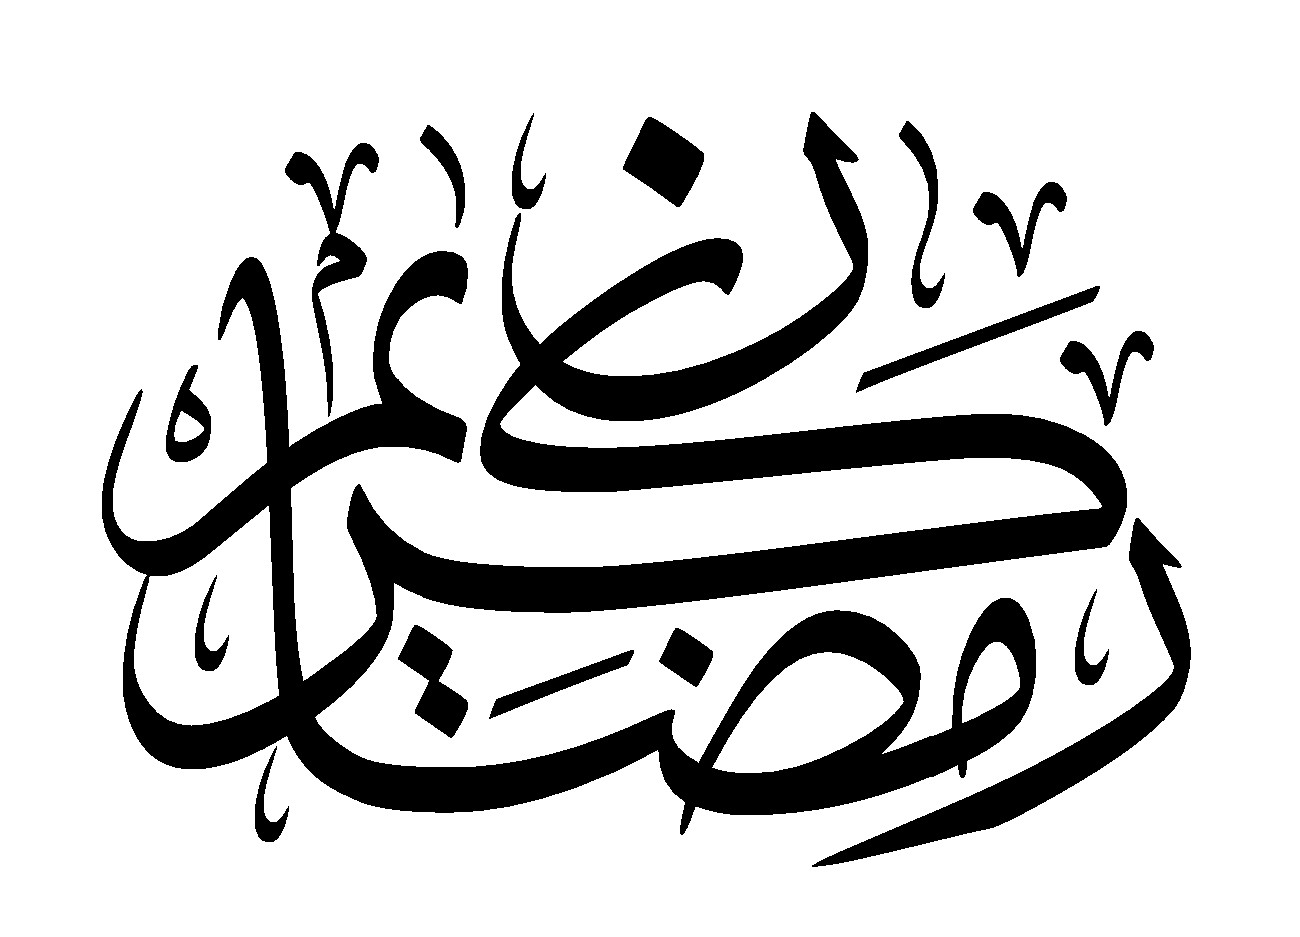 بالصور رسائل رمضان كريم , هنى حبايبك فى شهر الخير و اوصل الود القديم 1508 6